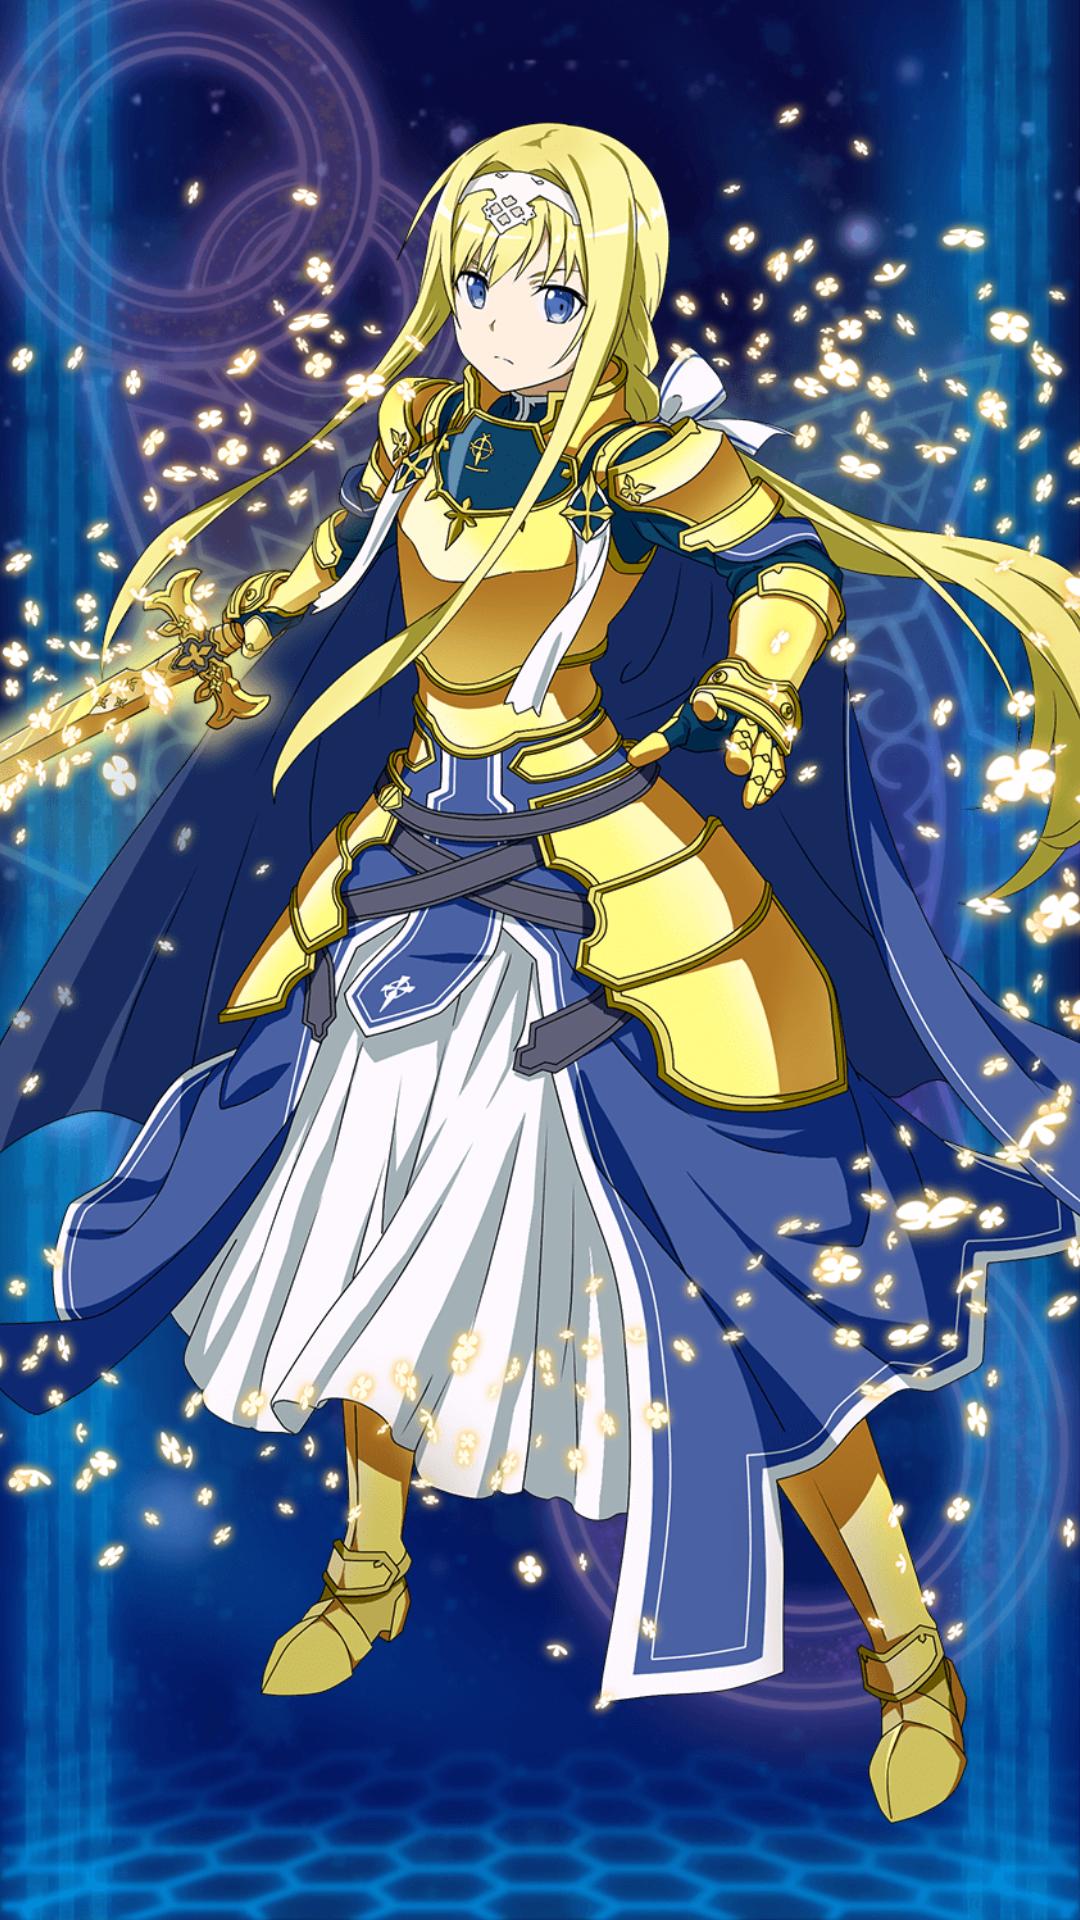 Alice Caballero De La Integridad Personaje Que Pertenece A La Serie De Sao Alicization Sword Art Online Sword Art Anime